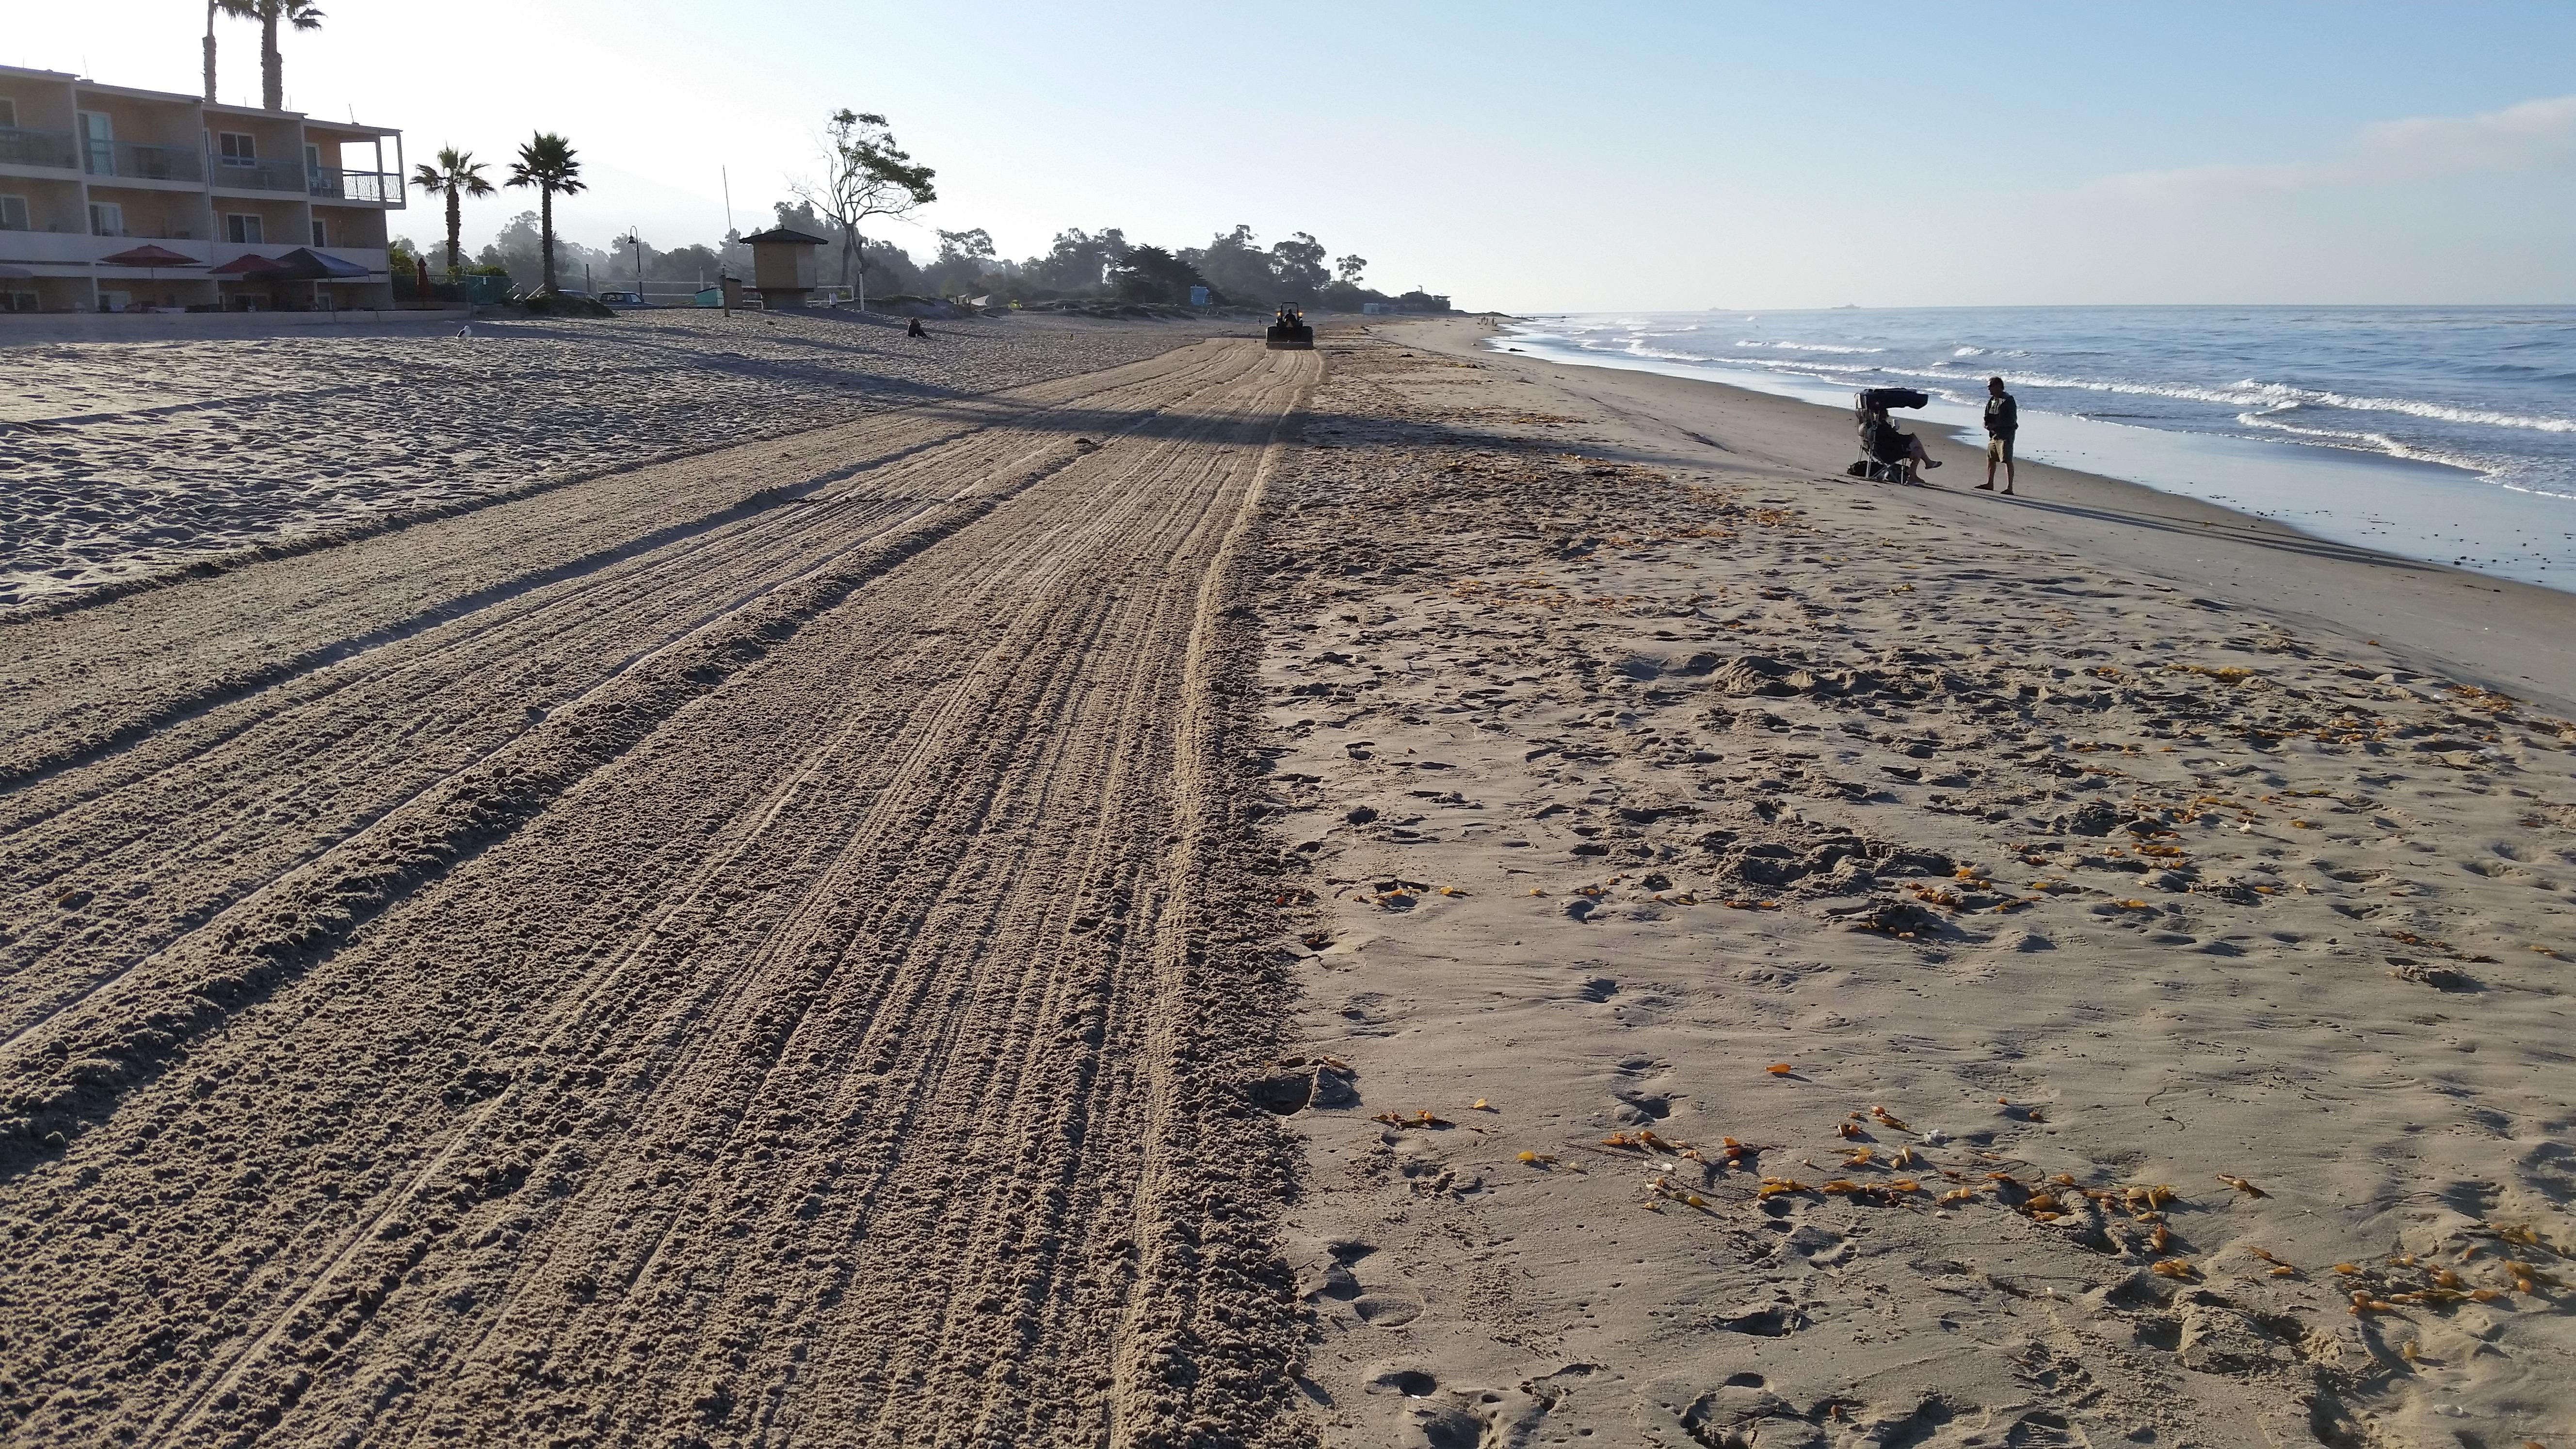 Carpinteria beach, groomed